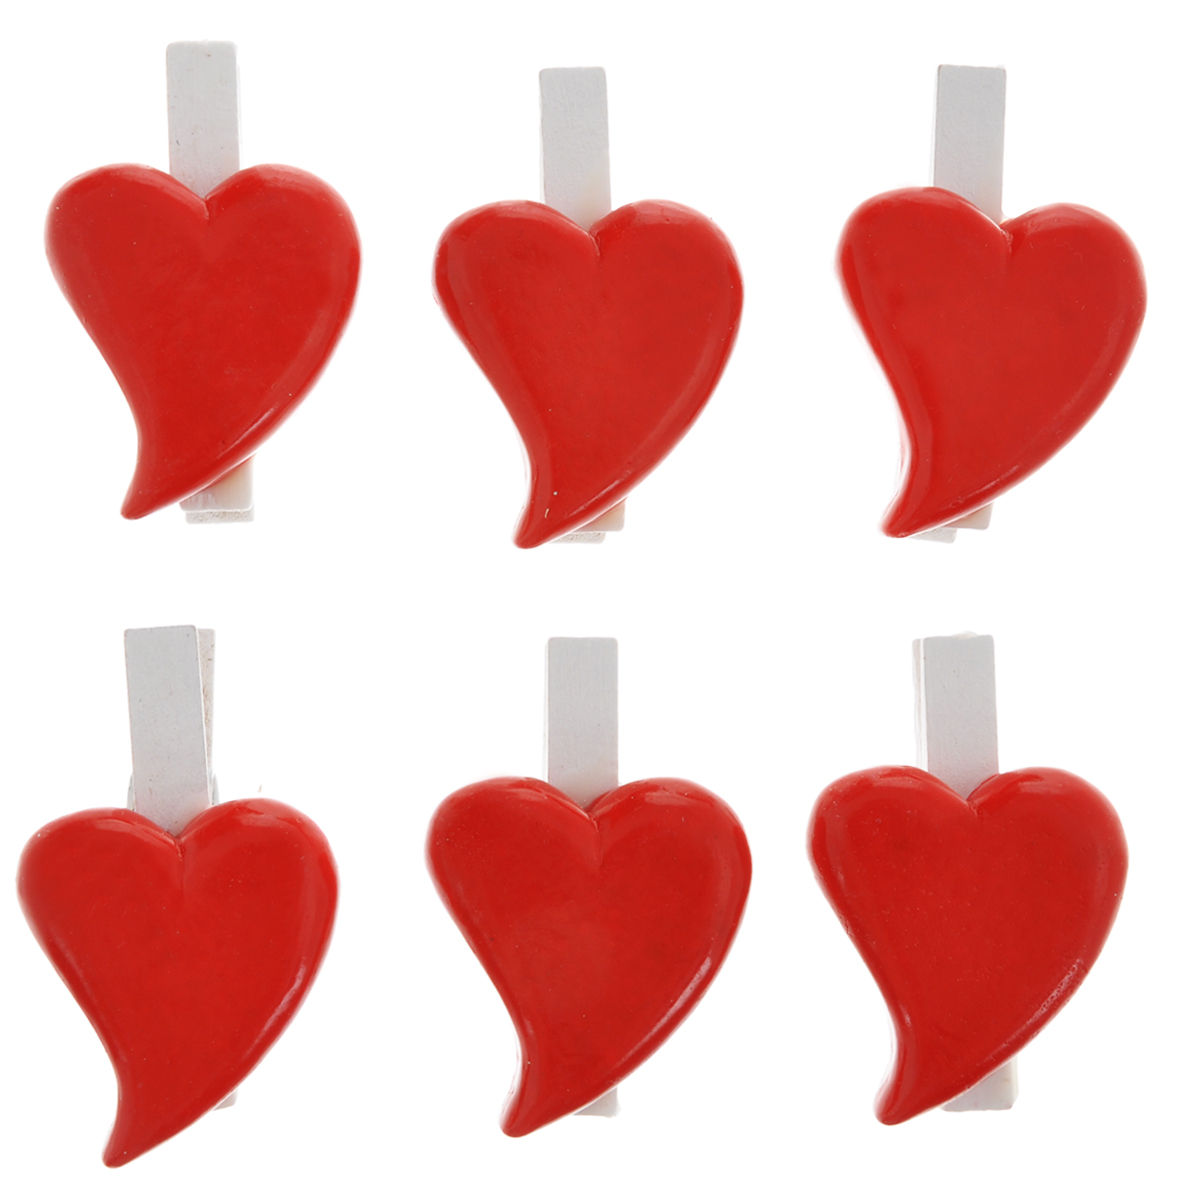 Набор декоративных прищепок Феникс-презент Влюбленные сердечки, 6 шт36936Набор Феникс-презент Влюбленные сердечки состоит из 6 декоративных прищепок,выполненных из дерева. Прищепки оформлены фигурками из полирезины в виде сердец.Изделия используются для развешивания стикеров на веревке и маленьких игрушек, аоригинальность и веселые цвета прищепок будут радовать глаз и поднимут настроение.Такой набор станет прекрасным дополнением к оформлению вашего интерьера.Длина прищепки: 4,5 см.Размер фигурки: 3,5 см х 3 см х 0,7 см.